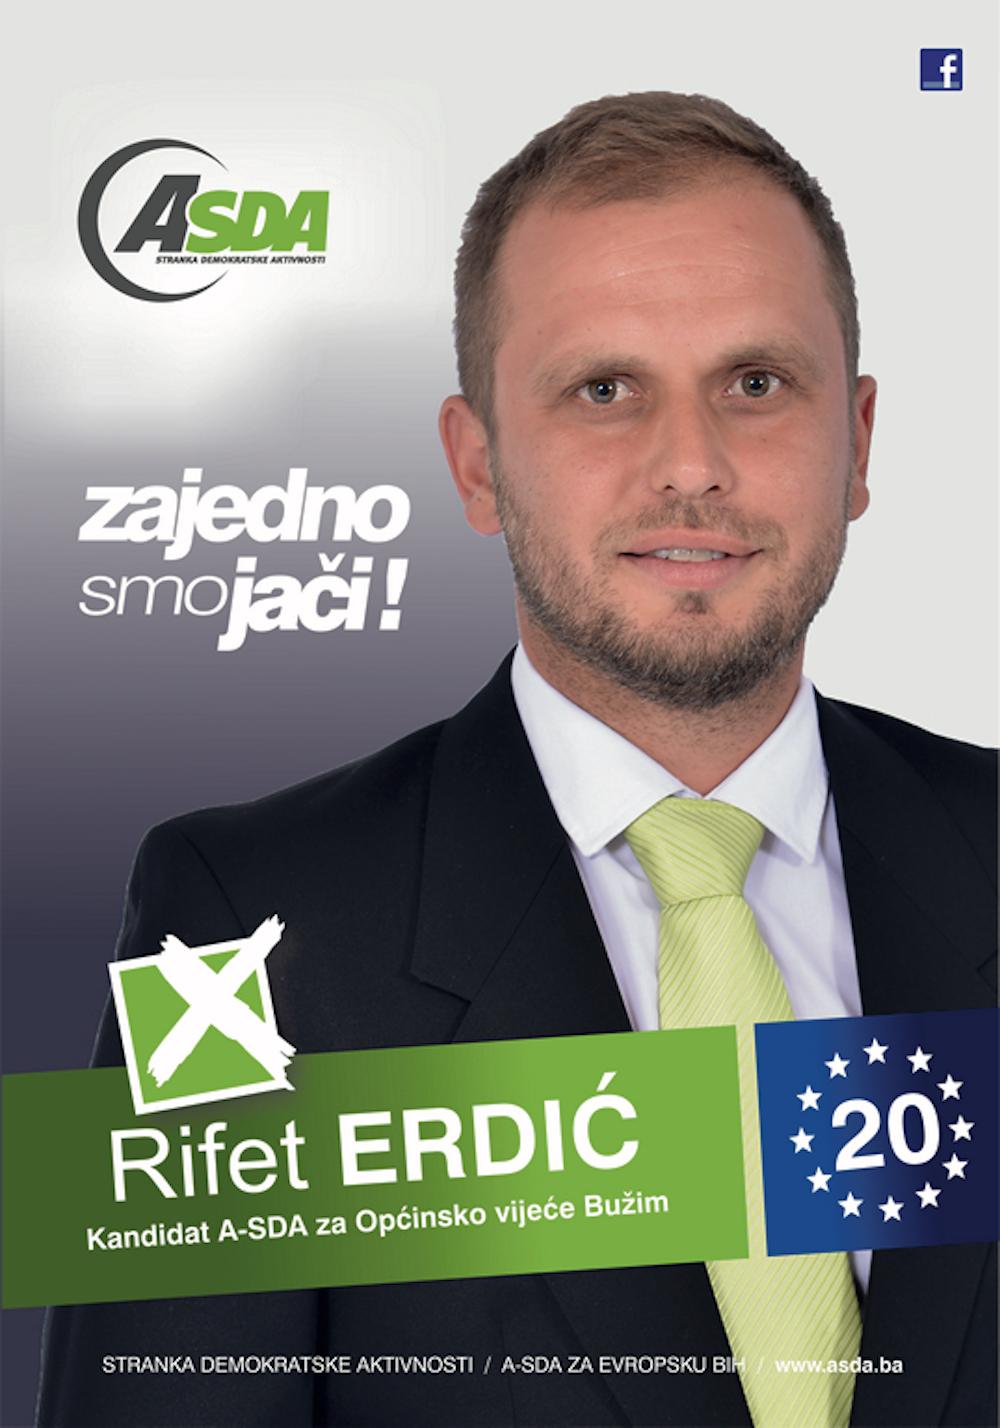 Rifet Erdić